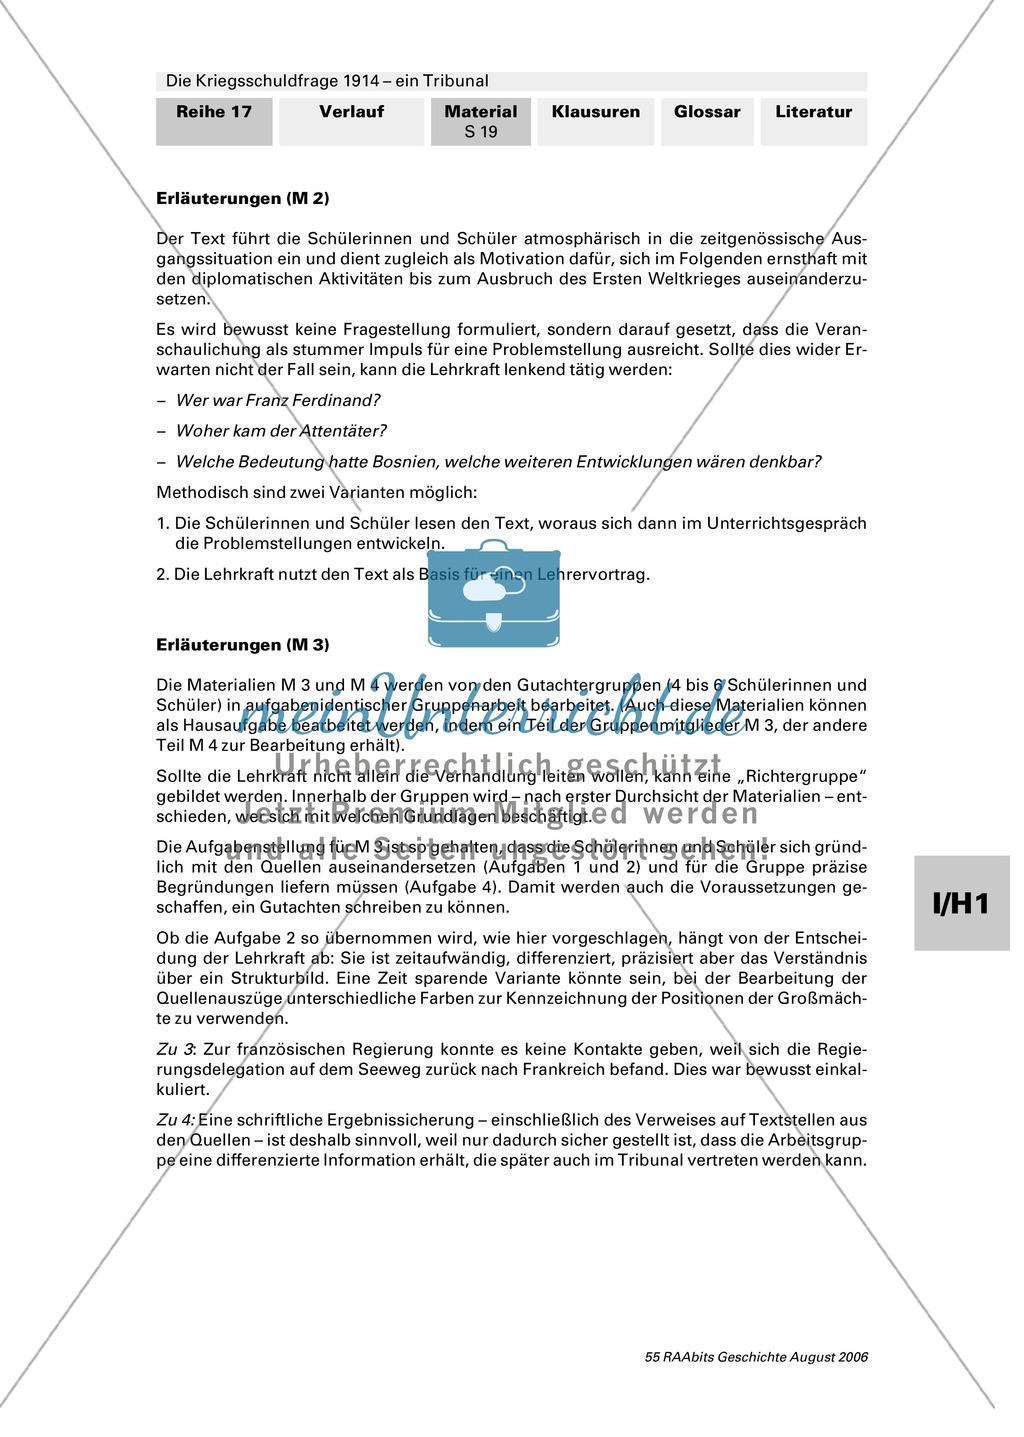 Die Kriegsschuldfrage 1914 - ein Tribunal: Vorbereitung des Rollenspiels mithilfe von Quellen (Depeschen, Telegramme, Dossiers) + Einbettung in den historischen Kontext Preview 14